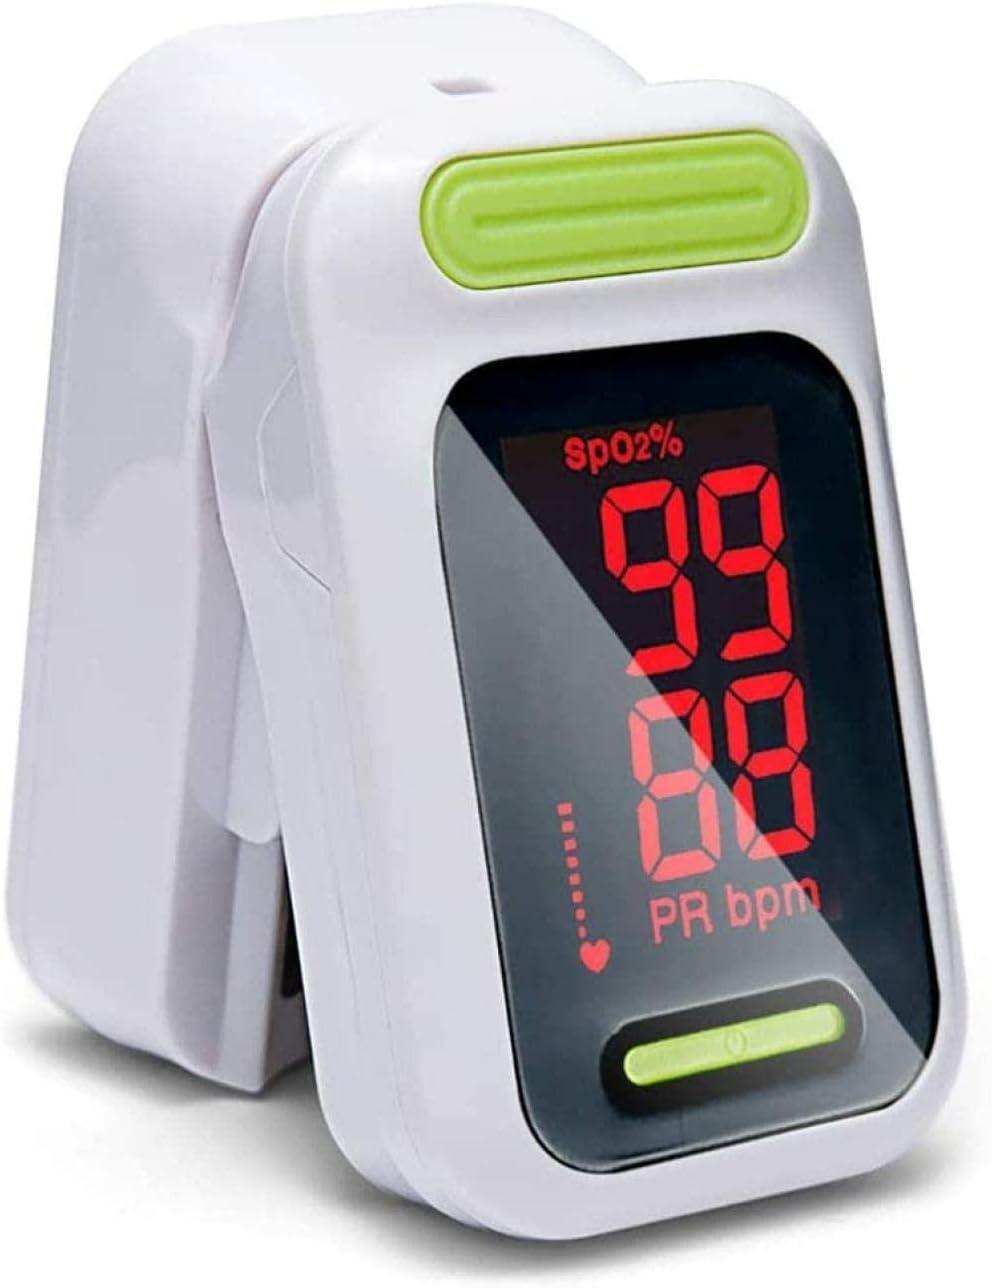 Oxímetro de pulso médico Oxímetro de pulso portátil Oxímetro de pulso LED Oxímetro de pulso Monitor de saturación de oxígeno en sangre